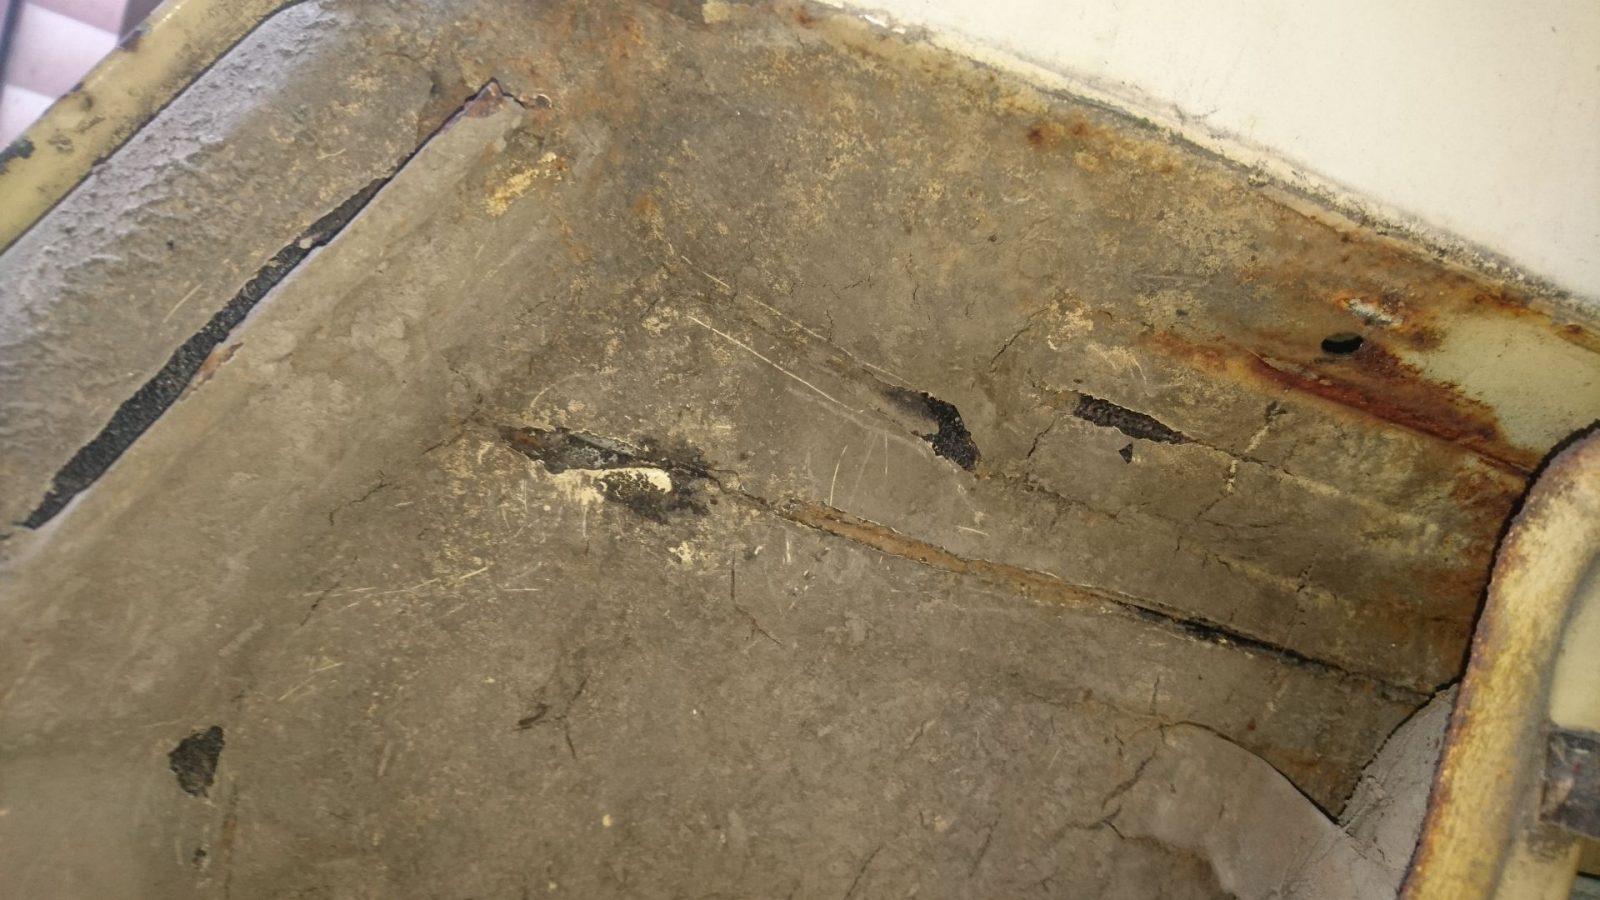 Rechts wie links Abplatzungen beim Steinschlagschutz, sonst aber erst einmal keine Löcher gefunden.